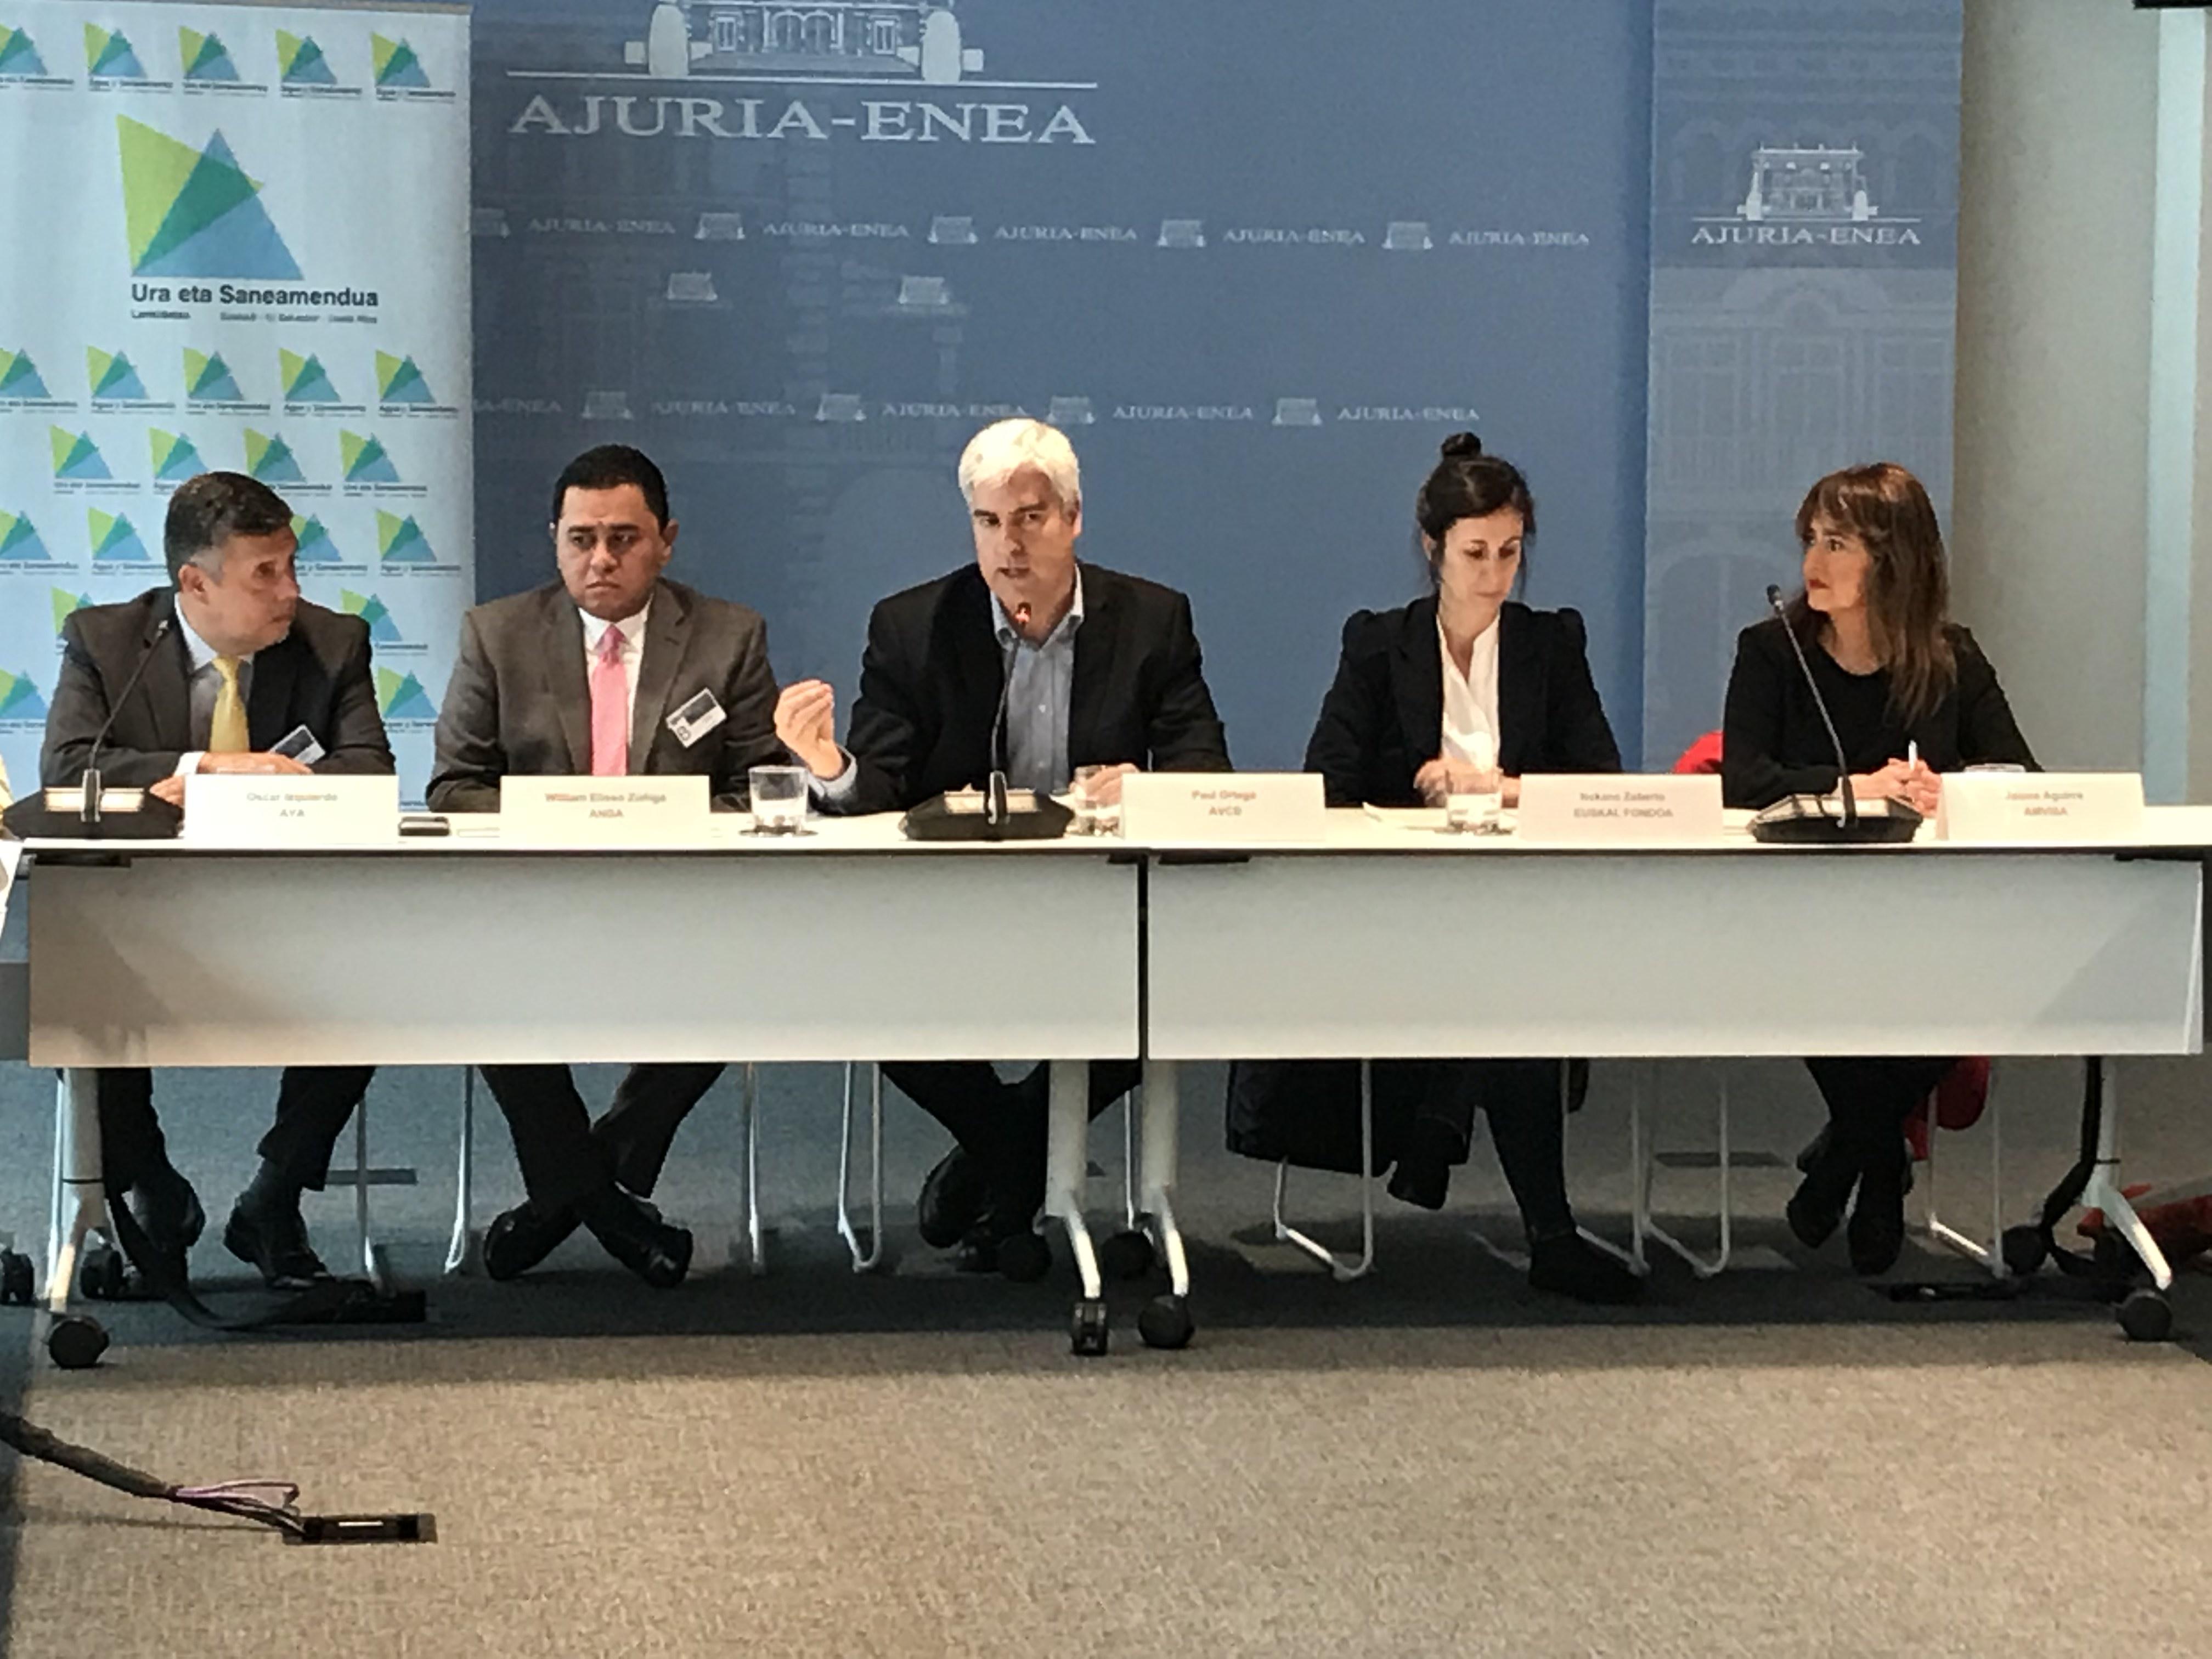 Euskadi facilitará asesoría técnica y mejorará infraestructuras de agua y saneamiento en Centroamérica